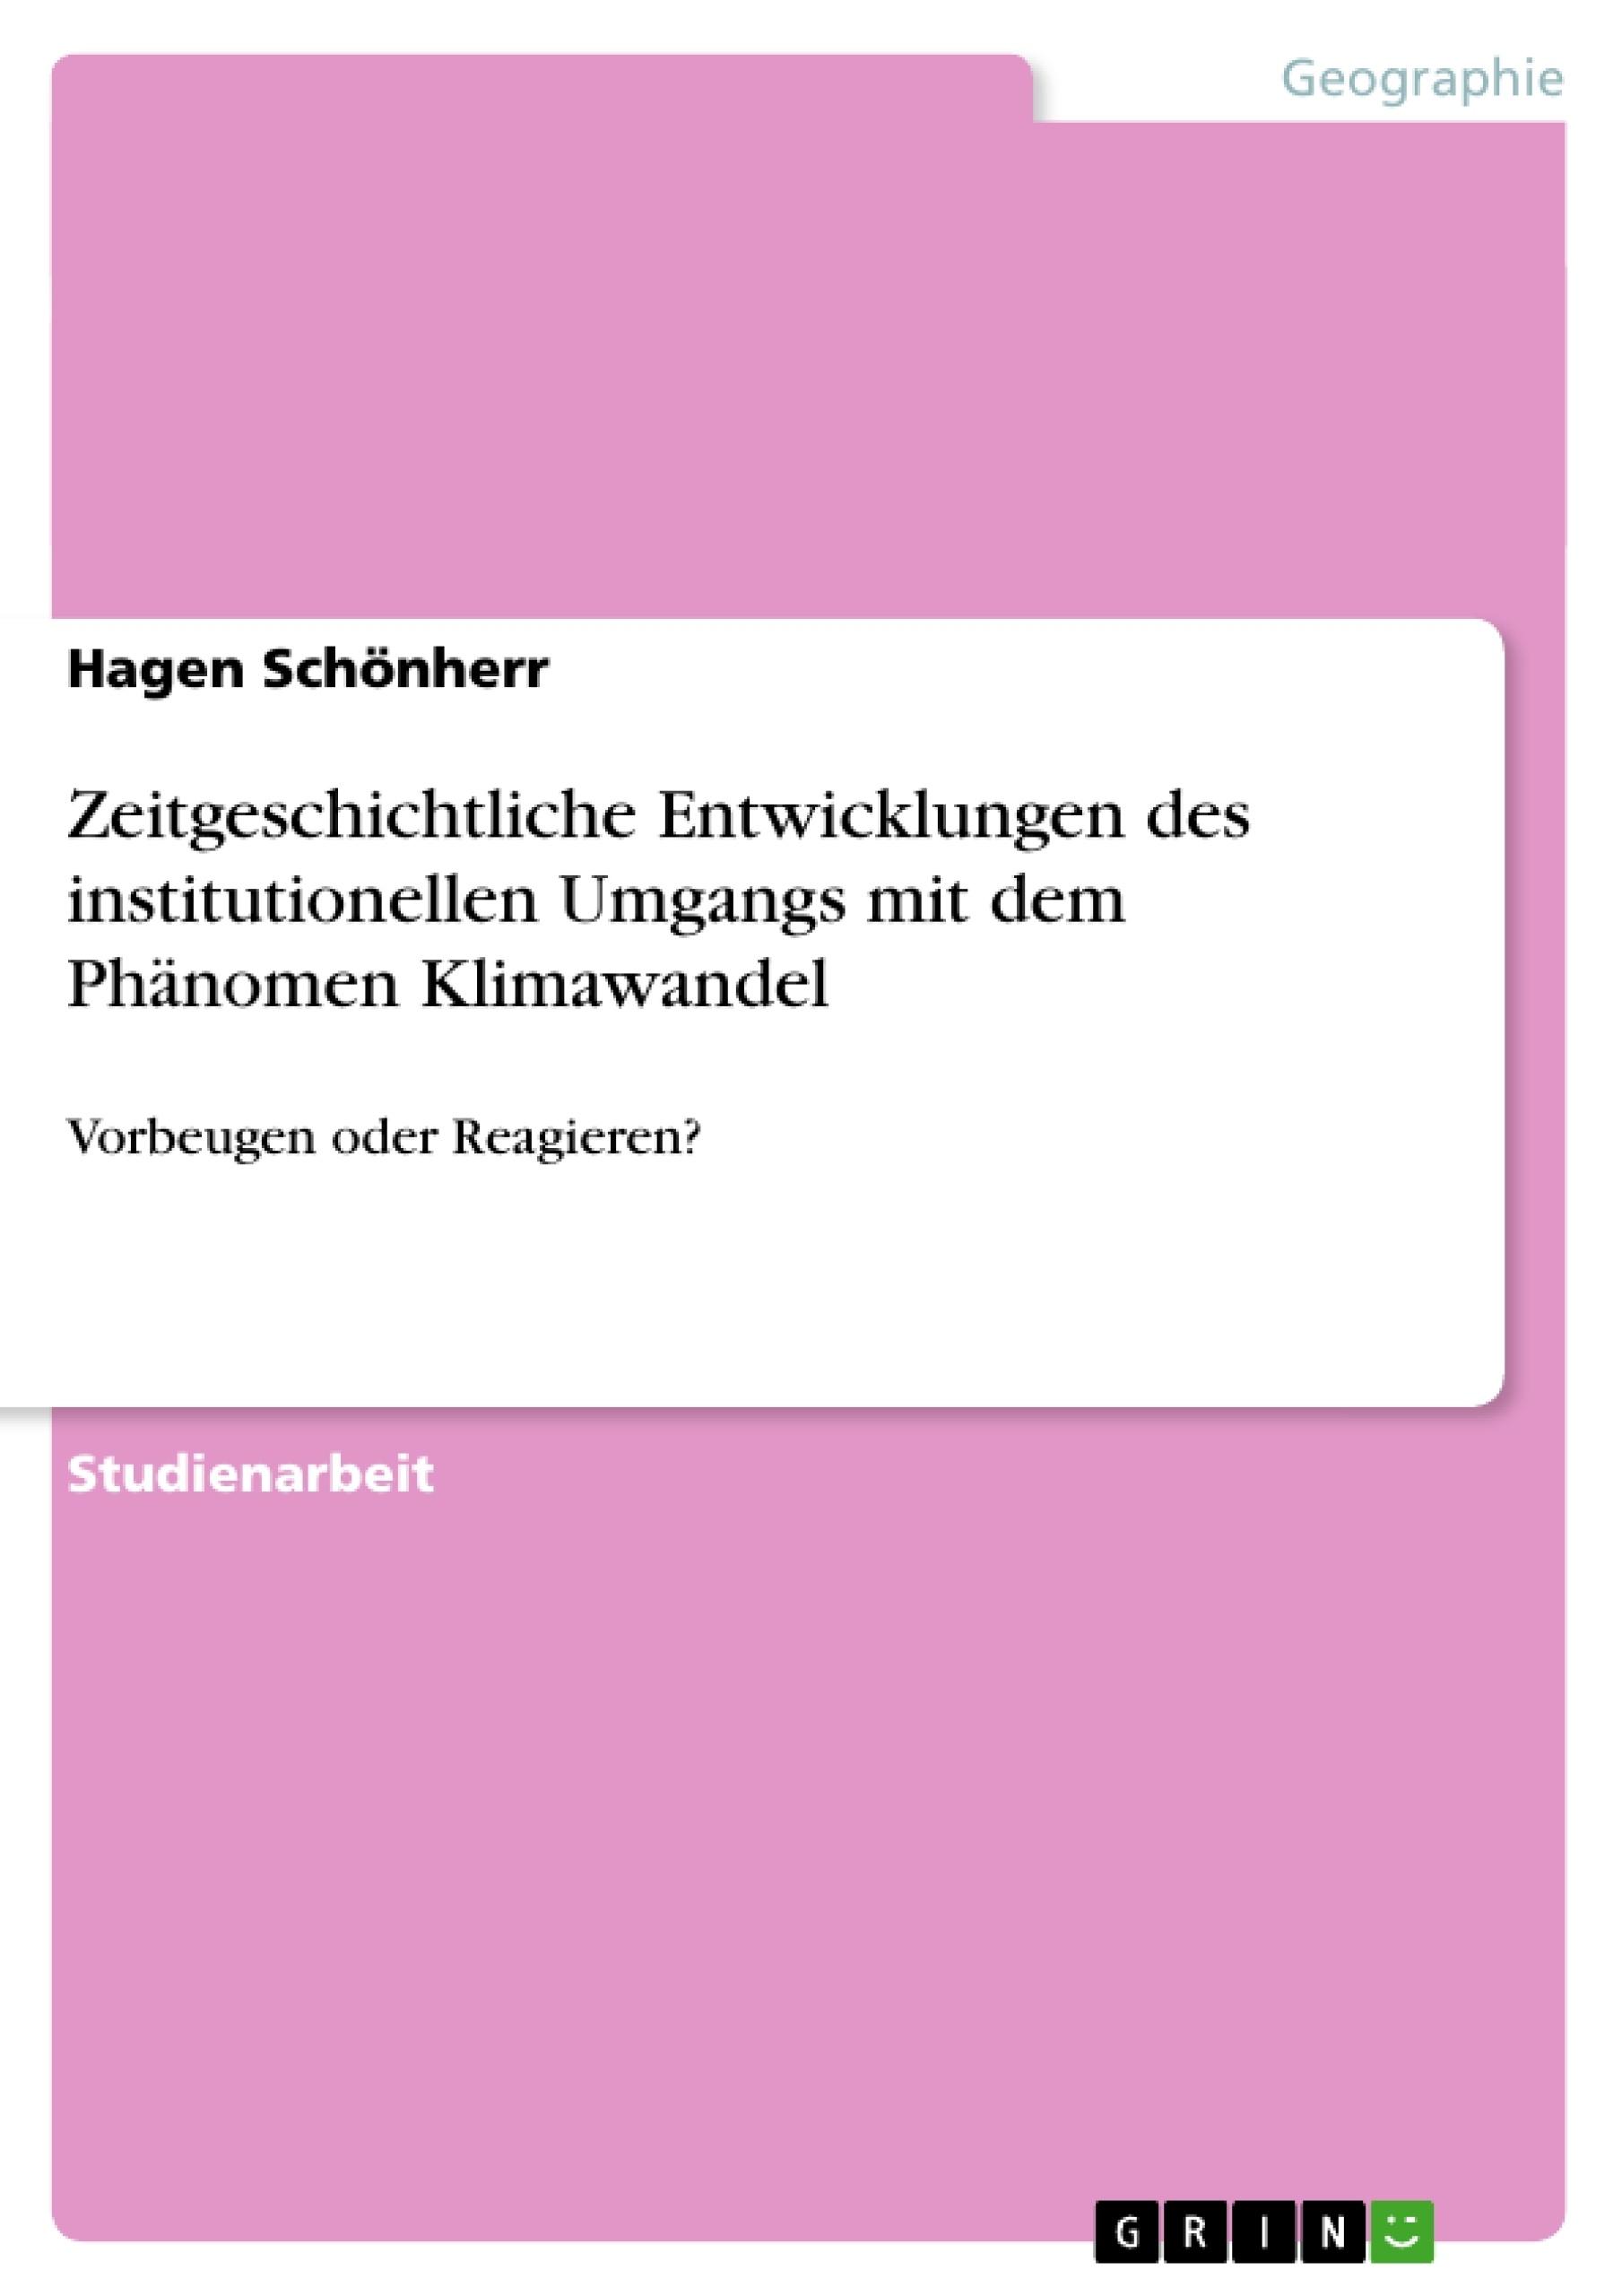 Titel: Zeitgeschichtliche Entwicklungen des institutionellen Umgangs mit dem Phänomen Klimawandel